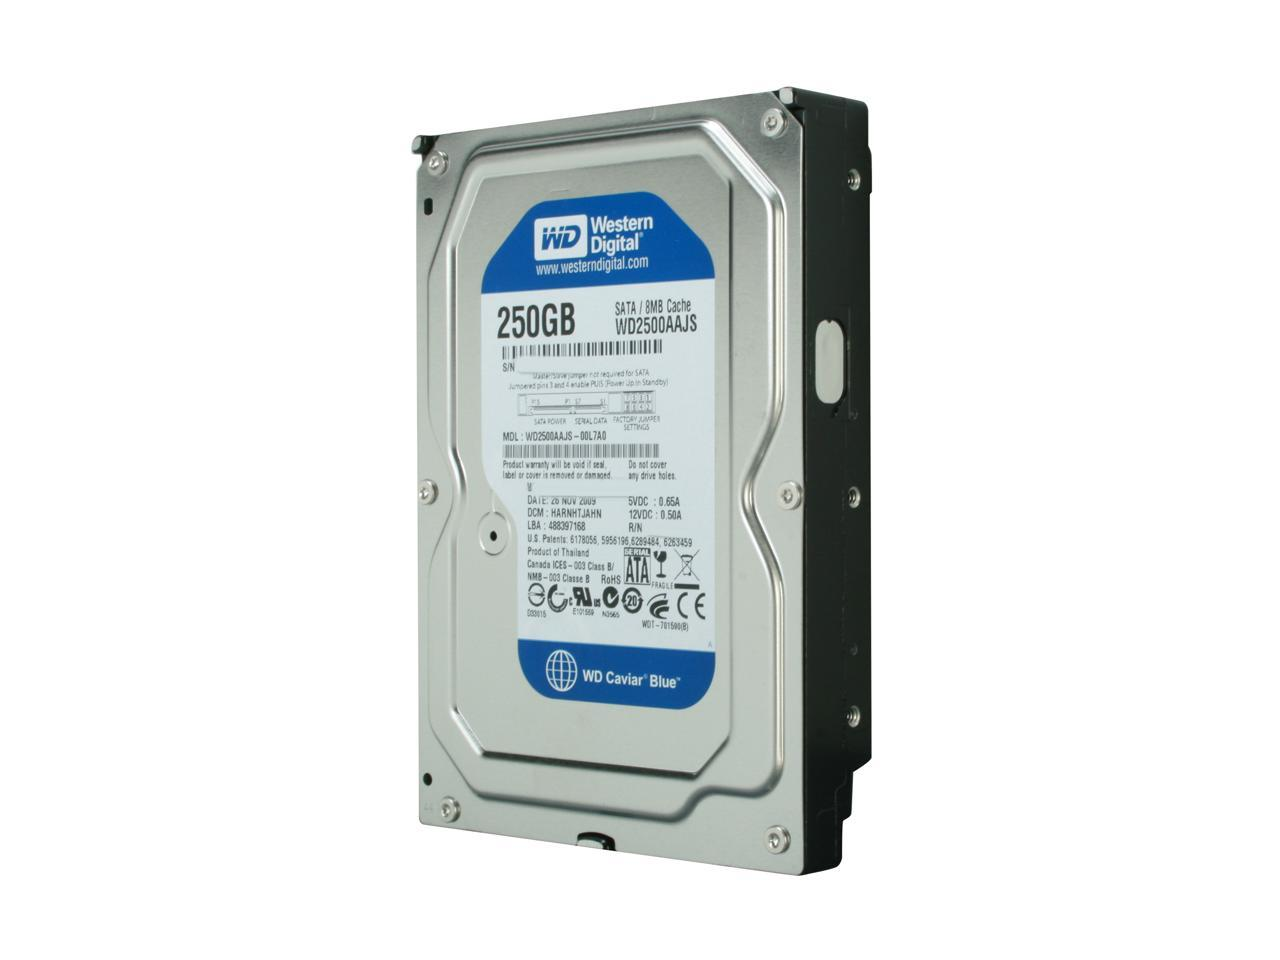 Renewed SATA Internal Hard Drive 7200RPM Western Digital WD2500AAJS-60Z0A0 250GB